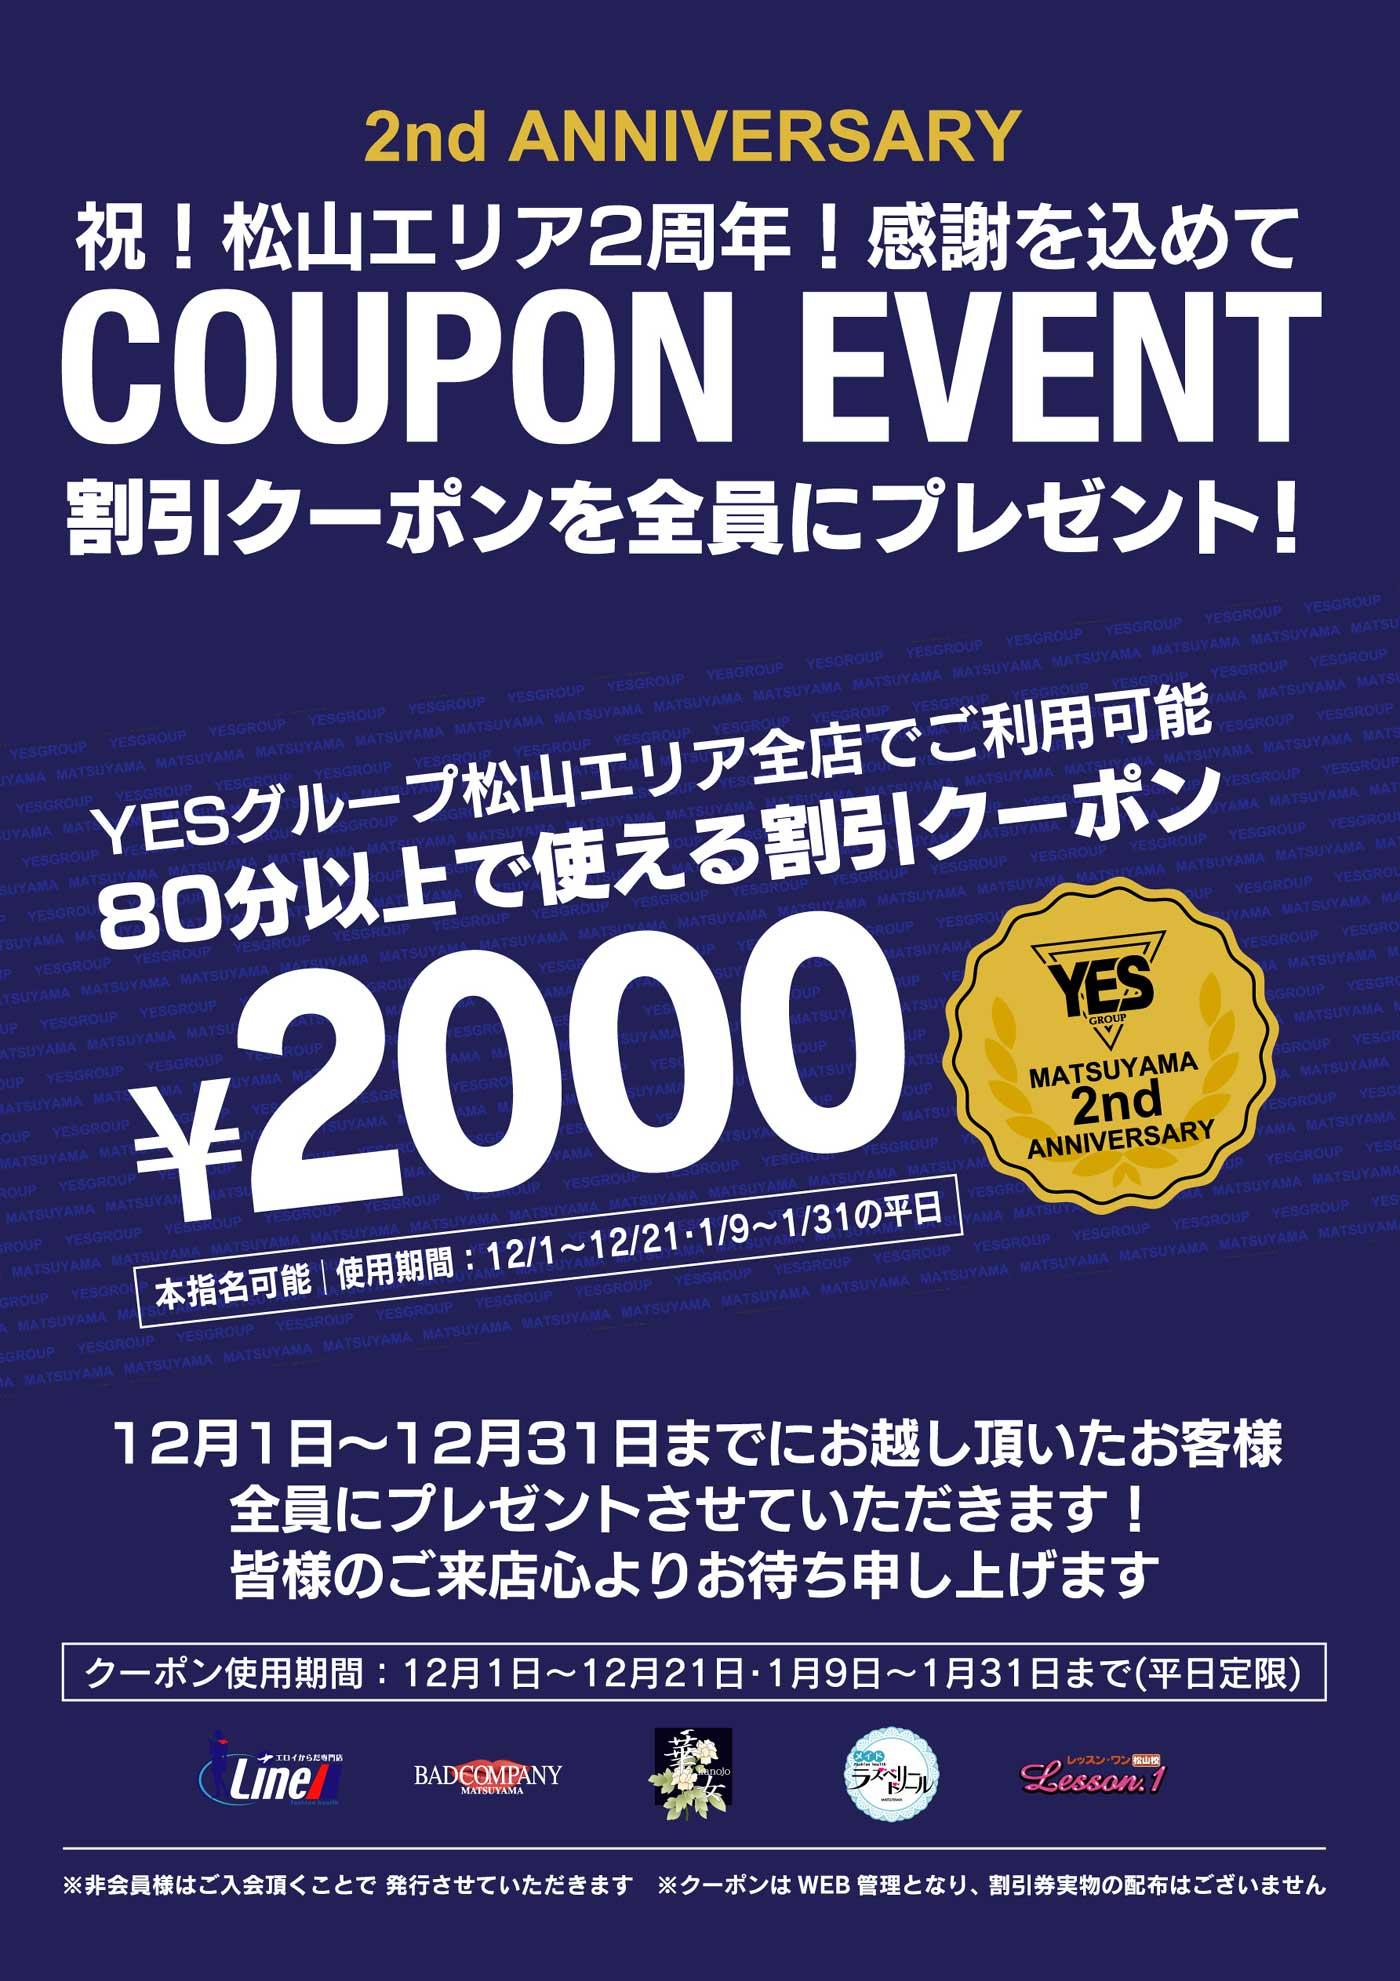 祝!2周年!2000円引きクーポン配布中☆